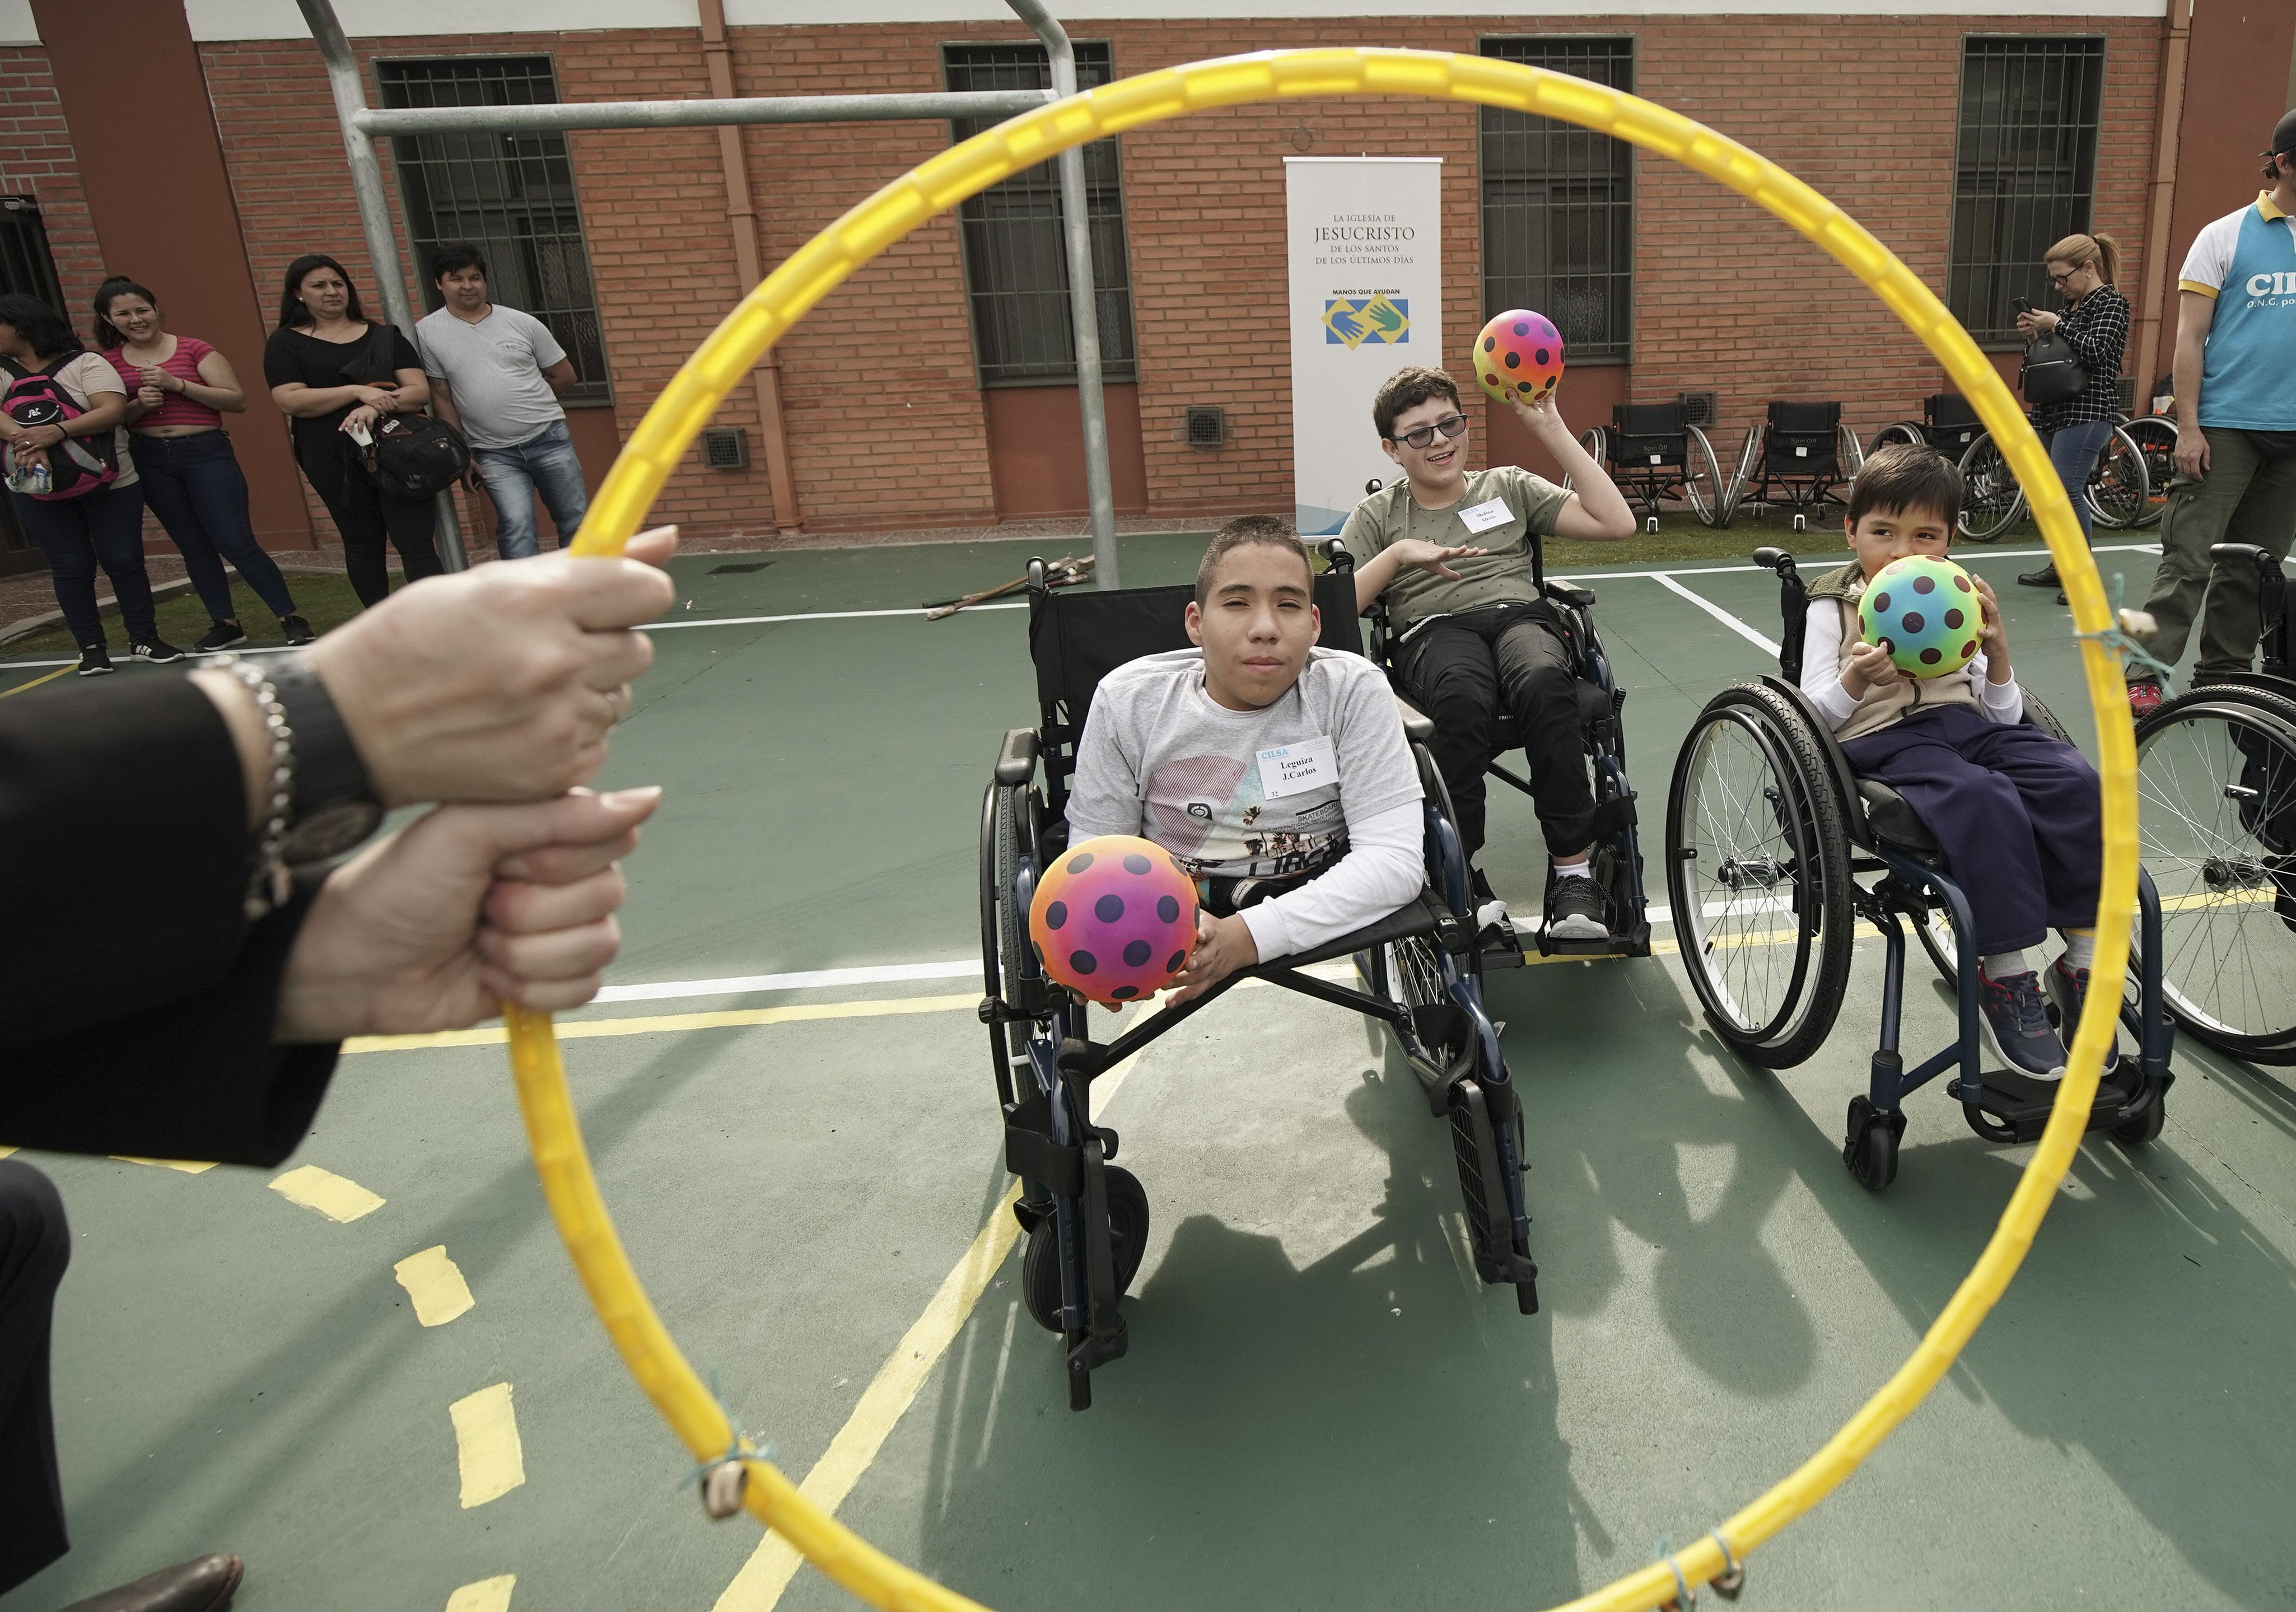 Juan Carlos Loza brinca depois que o Latter-day Saint Charities doou-lhe uma cadeira de rodas na capela da Ala Villa Urquiza em Buenos Aires, Argentina, na quarta-feira, 28 de agosto de 2019.